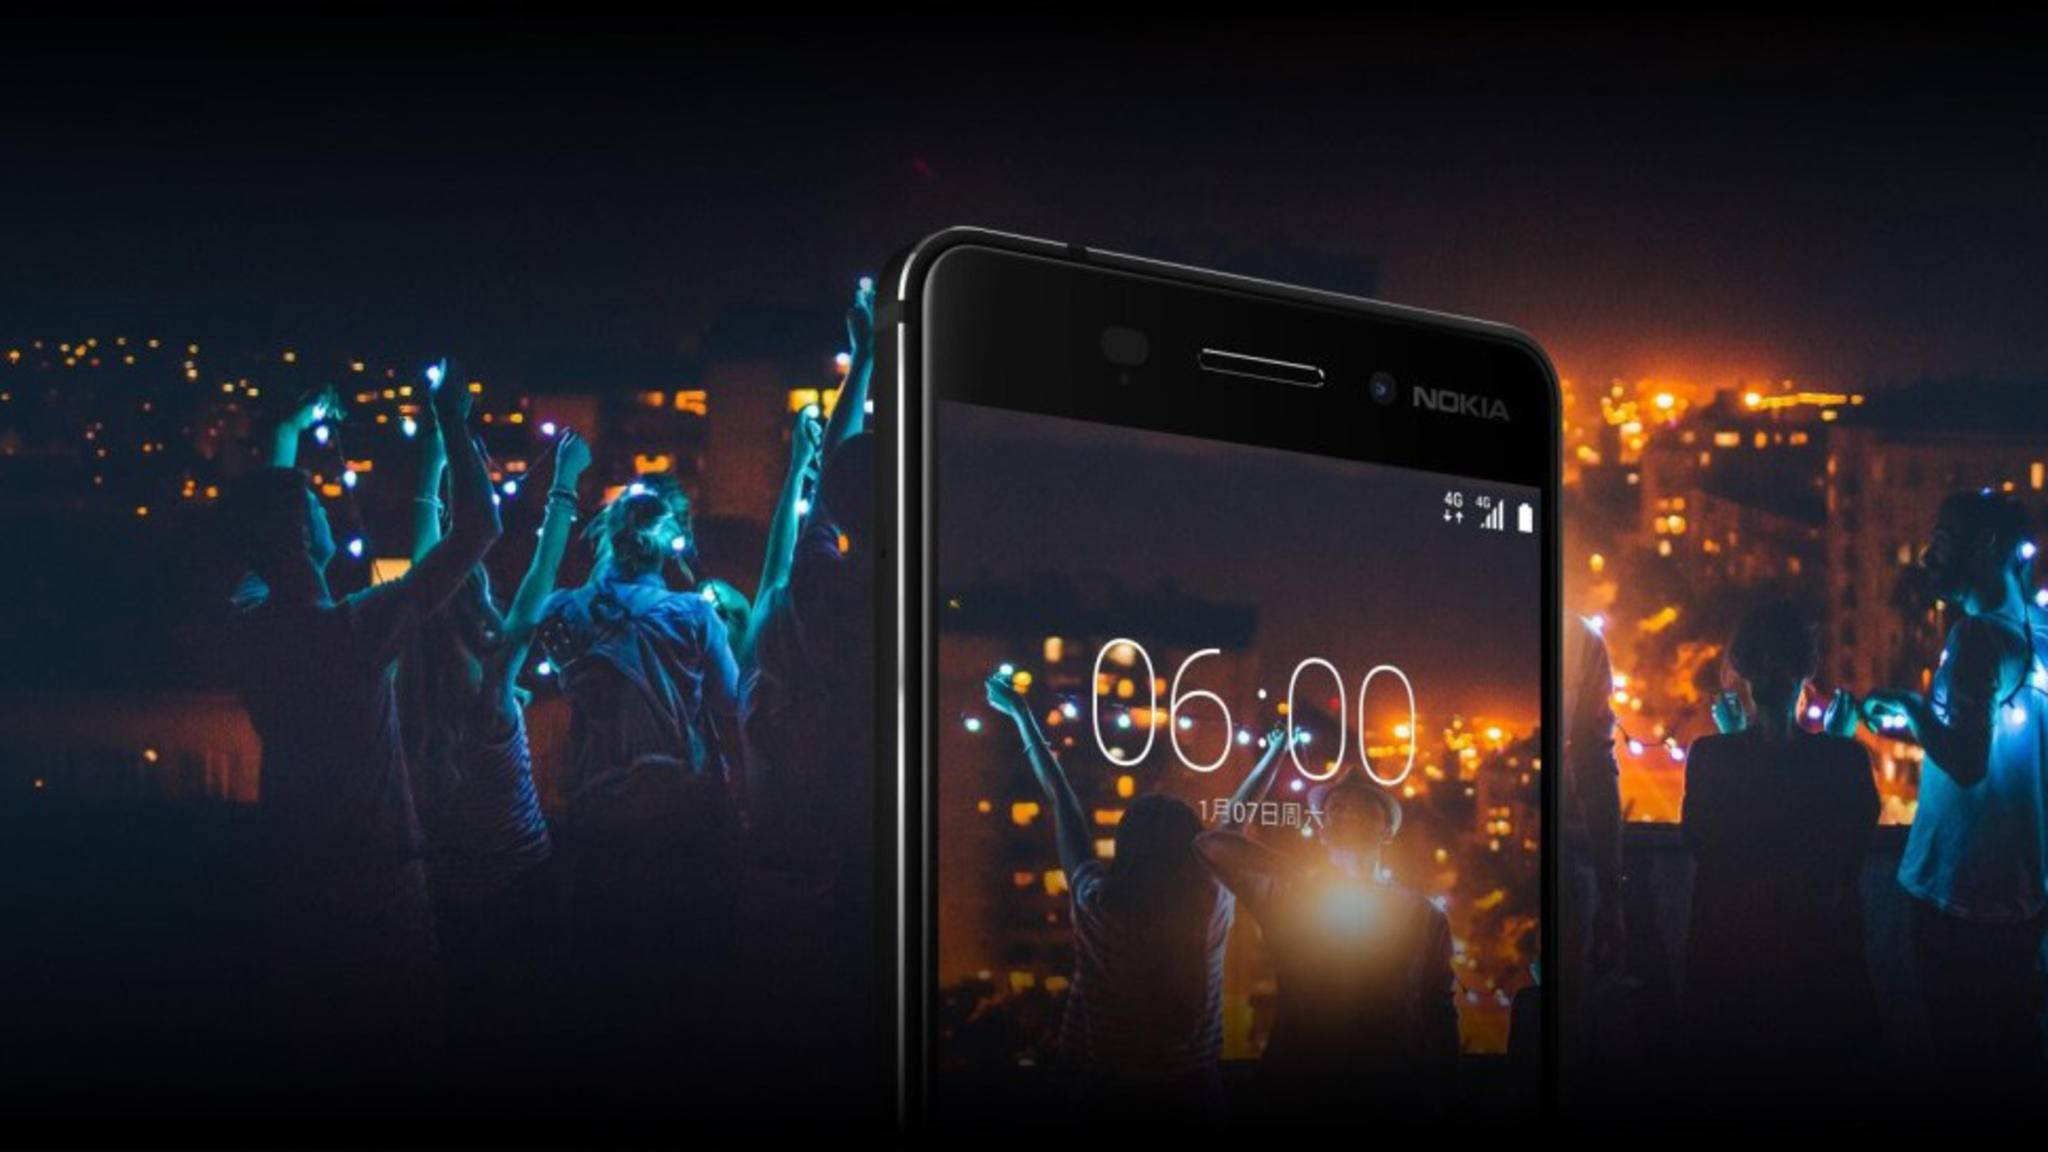 Wird Nokia seinen neuen Smartphones bald einen eigenen Sprachdienst spendieren?